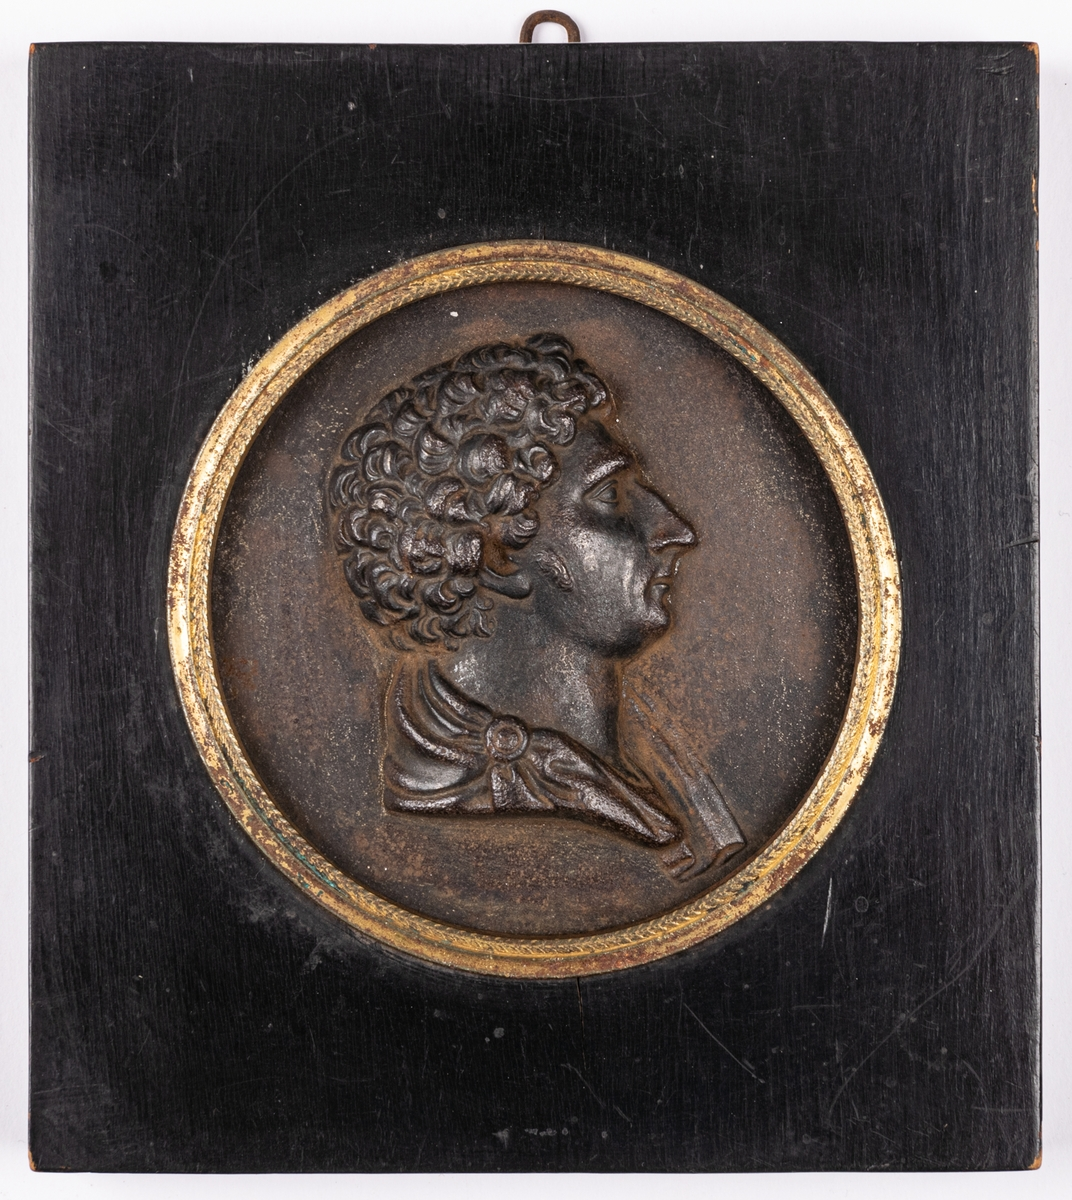 Porträttmedaljong, relief i järn, föreställande Karl XIV Johan, inom svart träram.